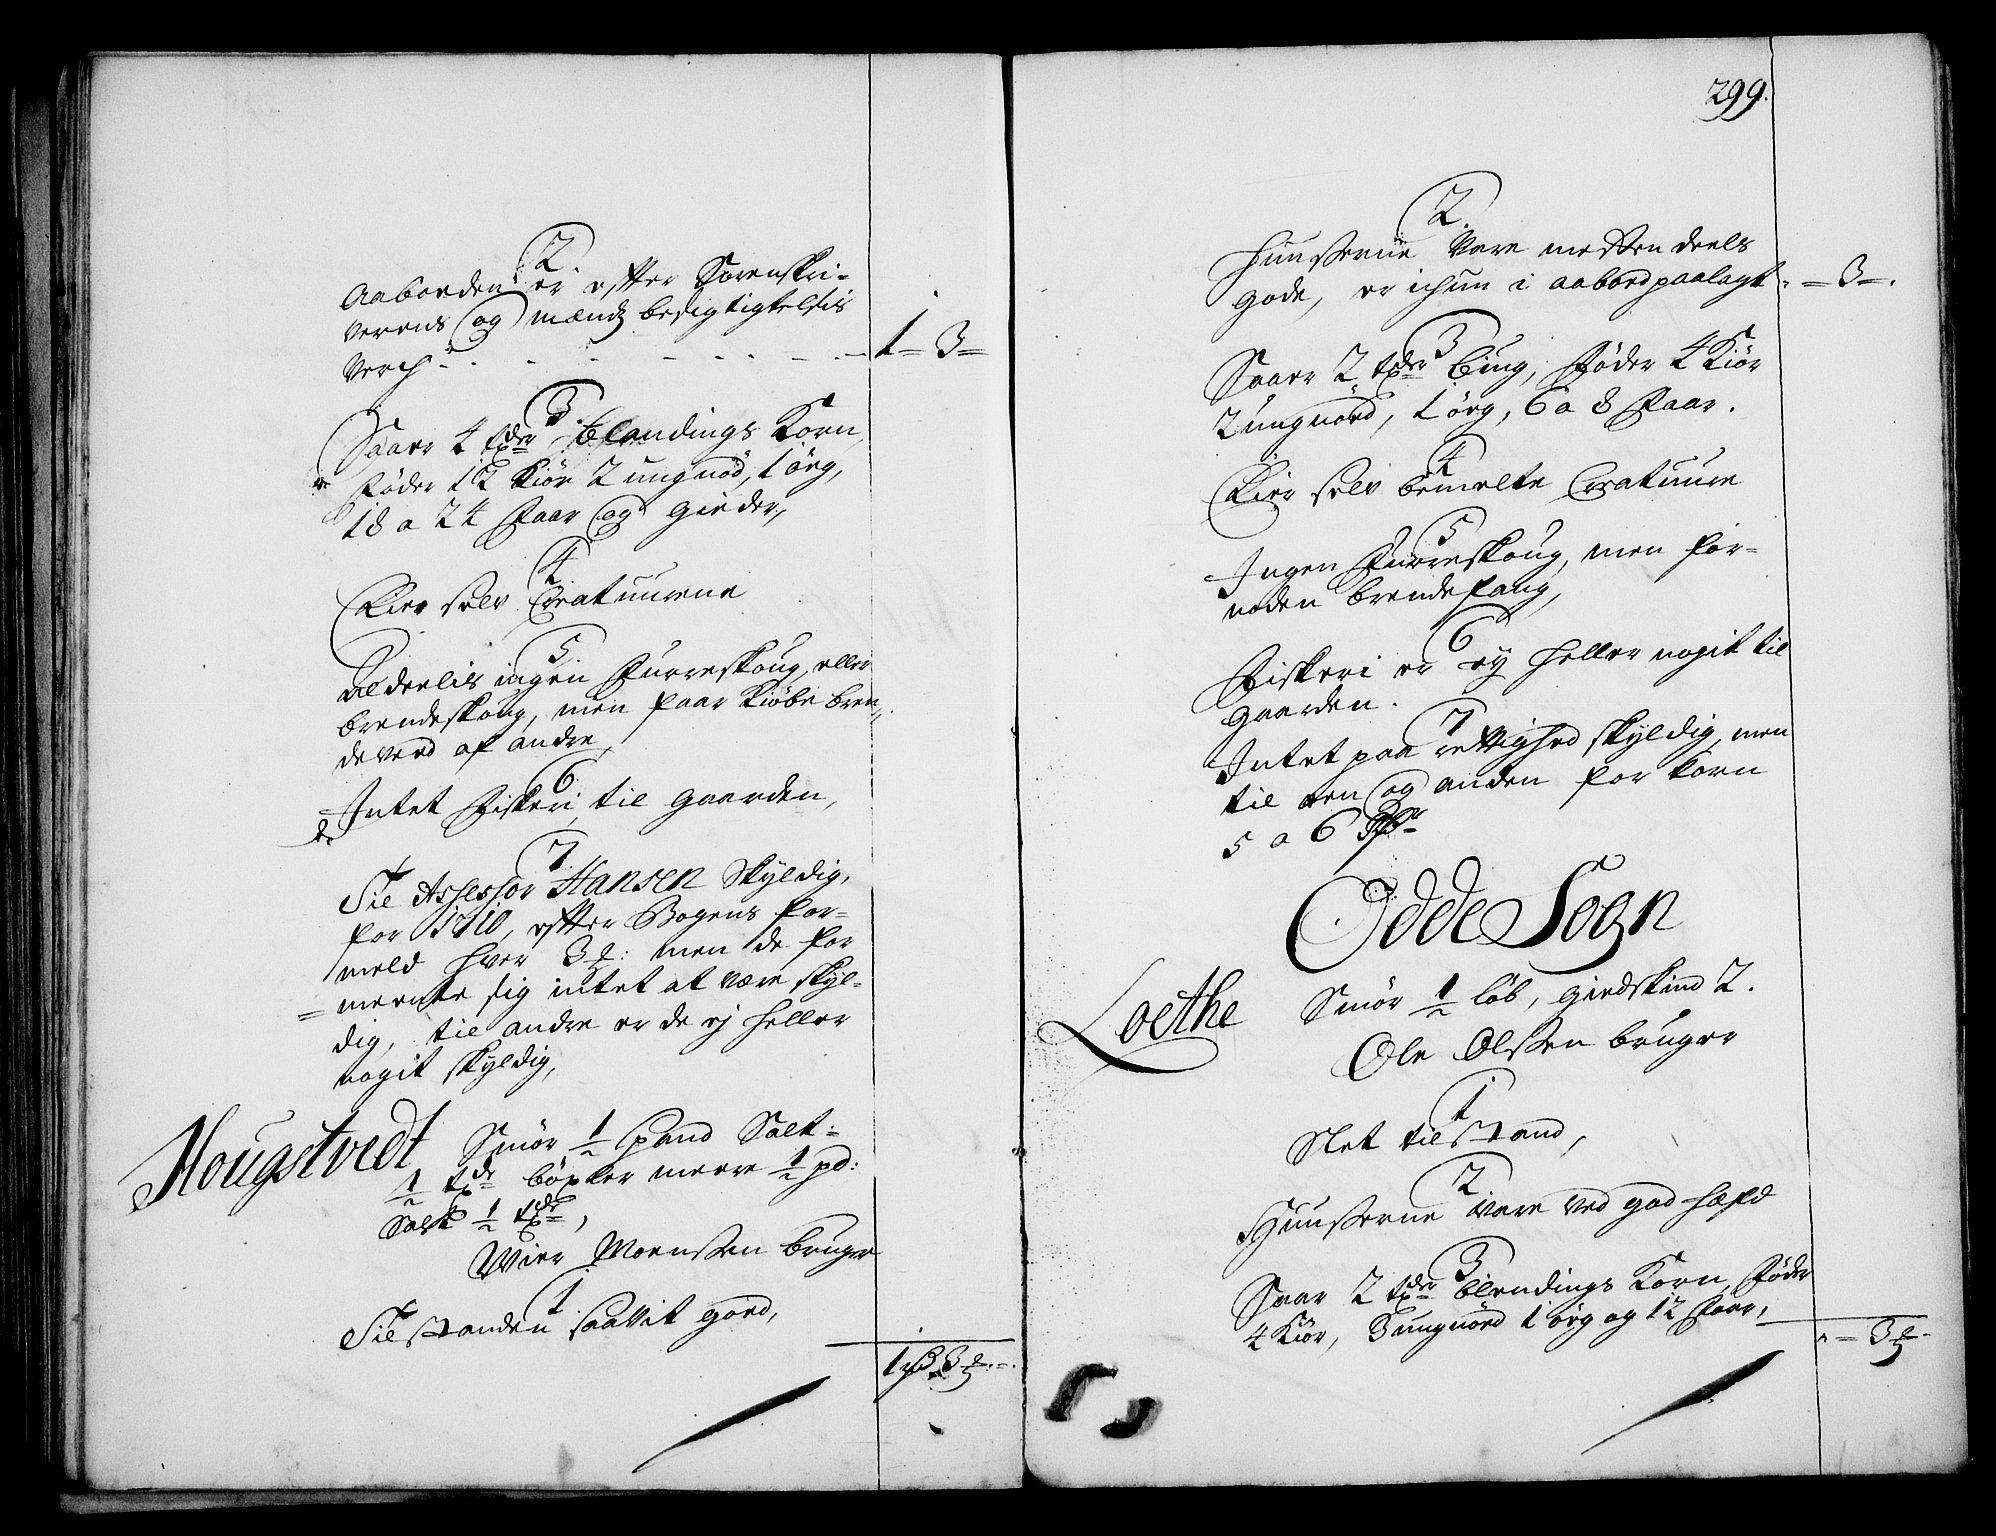 RA, Rentekammeret inntil 1814, Realistisk ordnet avdeling, On/L0003: [Jj 4]: Kommisjonsforretning over Vilhelm Hanssøns forpaktning av Halsnøy klosters gods, 1712-1722, s. 298b-299a